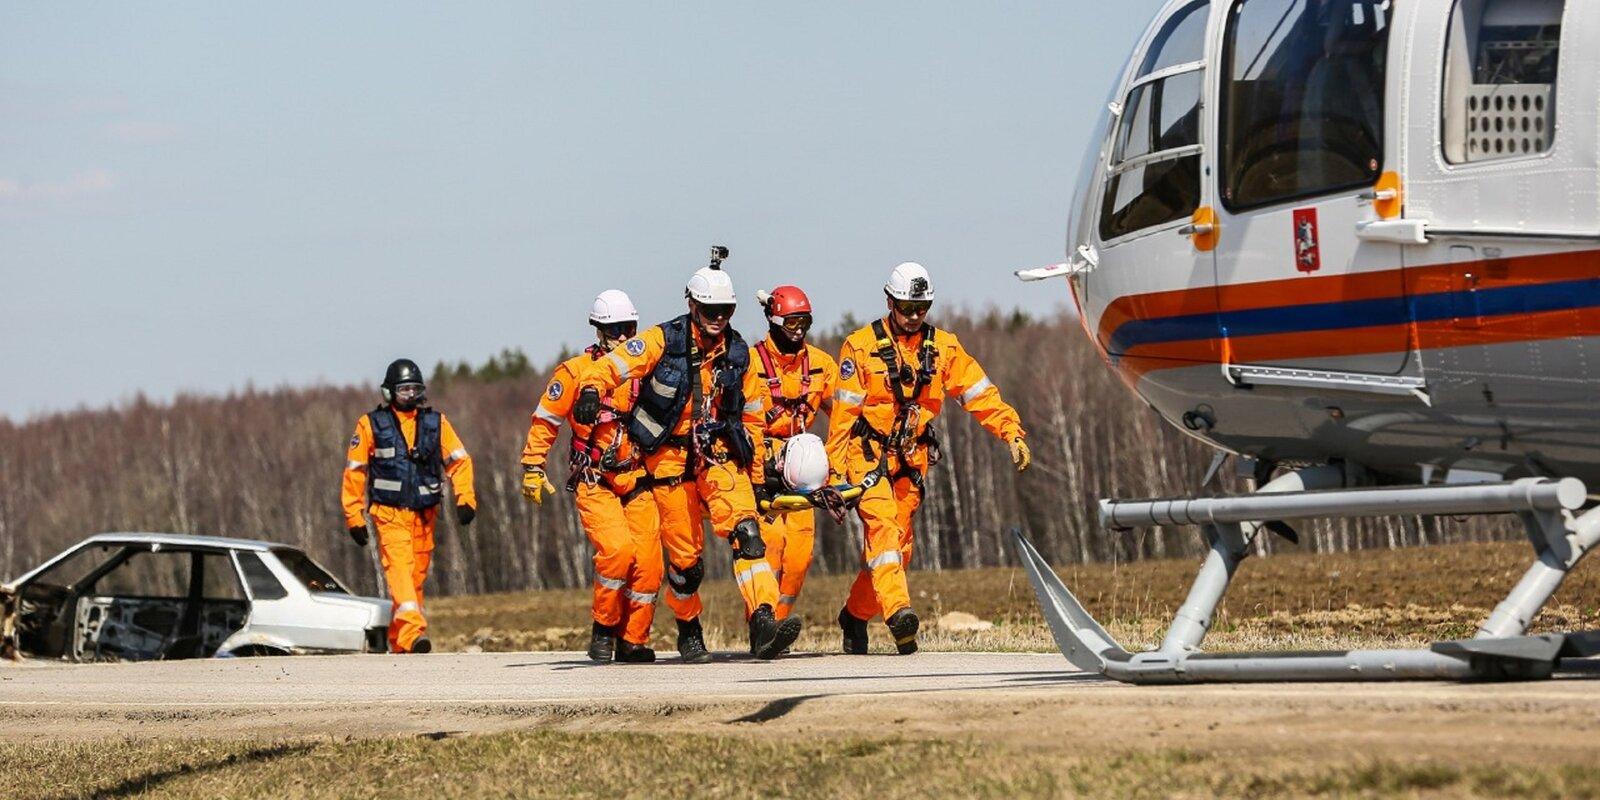 Московские спасатели и пожарные отмечают профессиональный праздник. Фото: пресс-служба ГОЧСиПБ